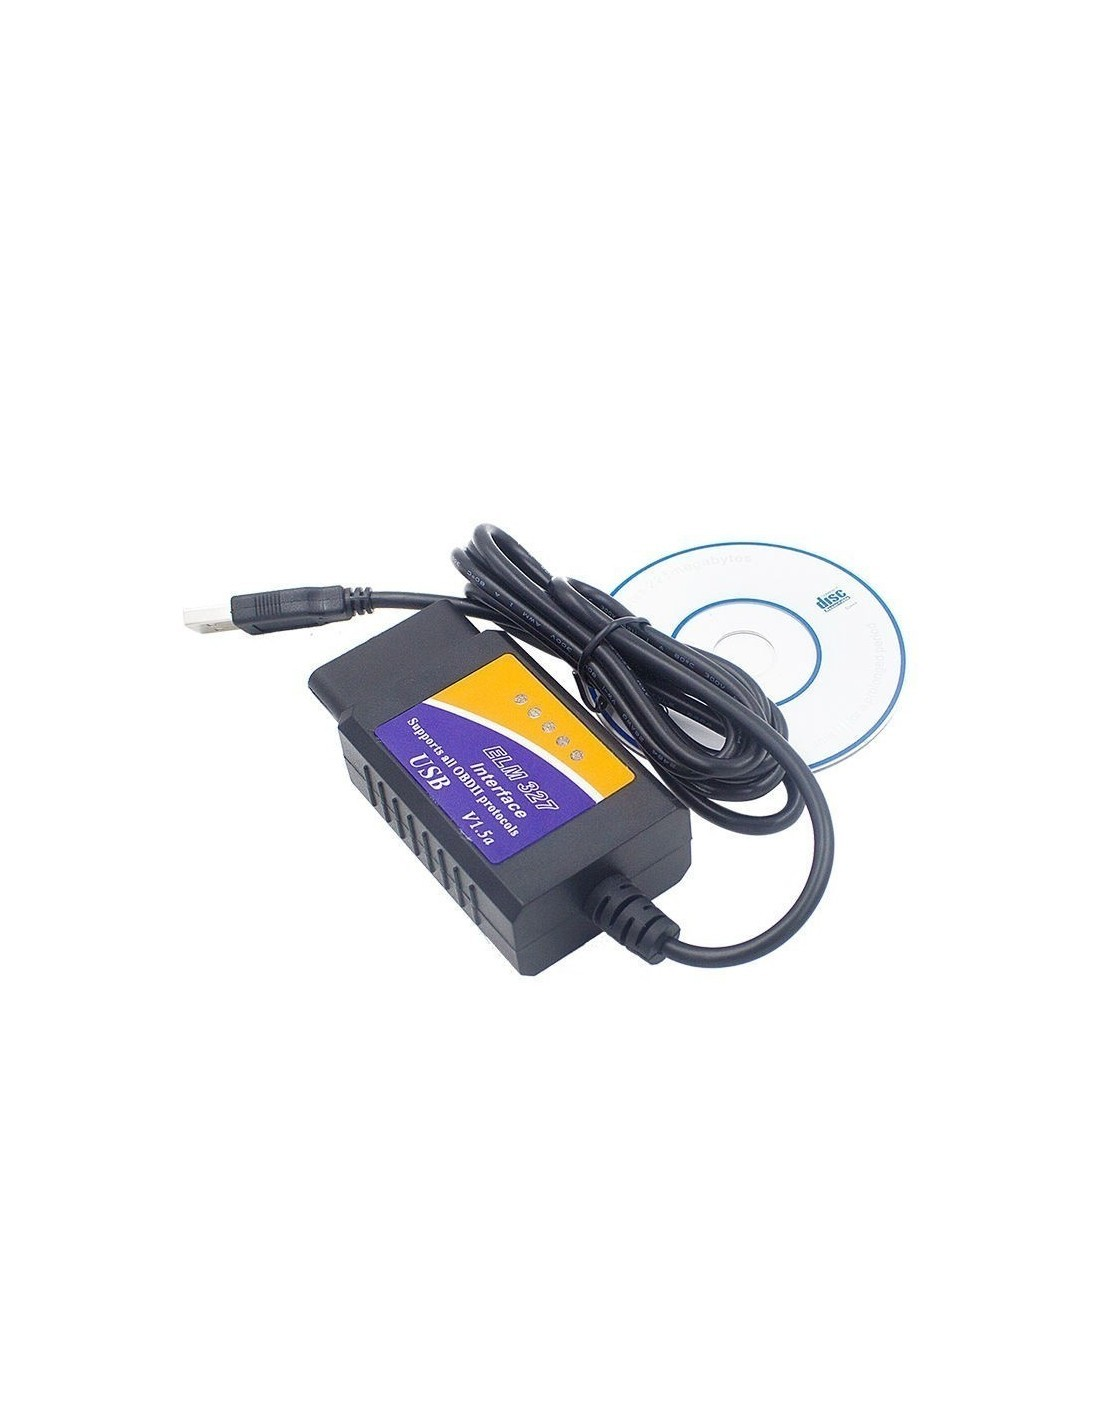 Купить ELM327 OBD2 USB диагностический сканер